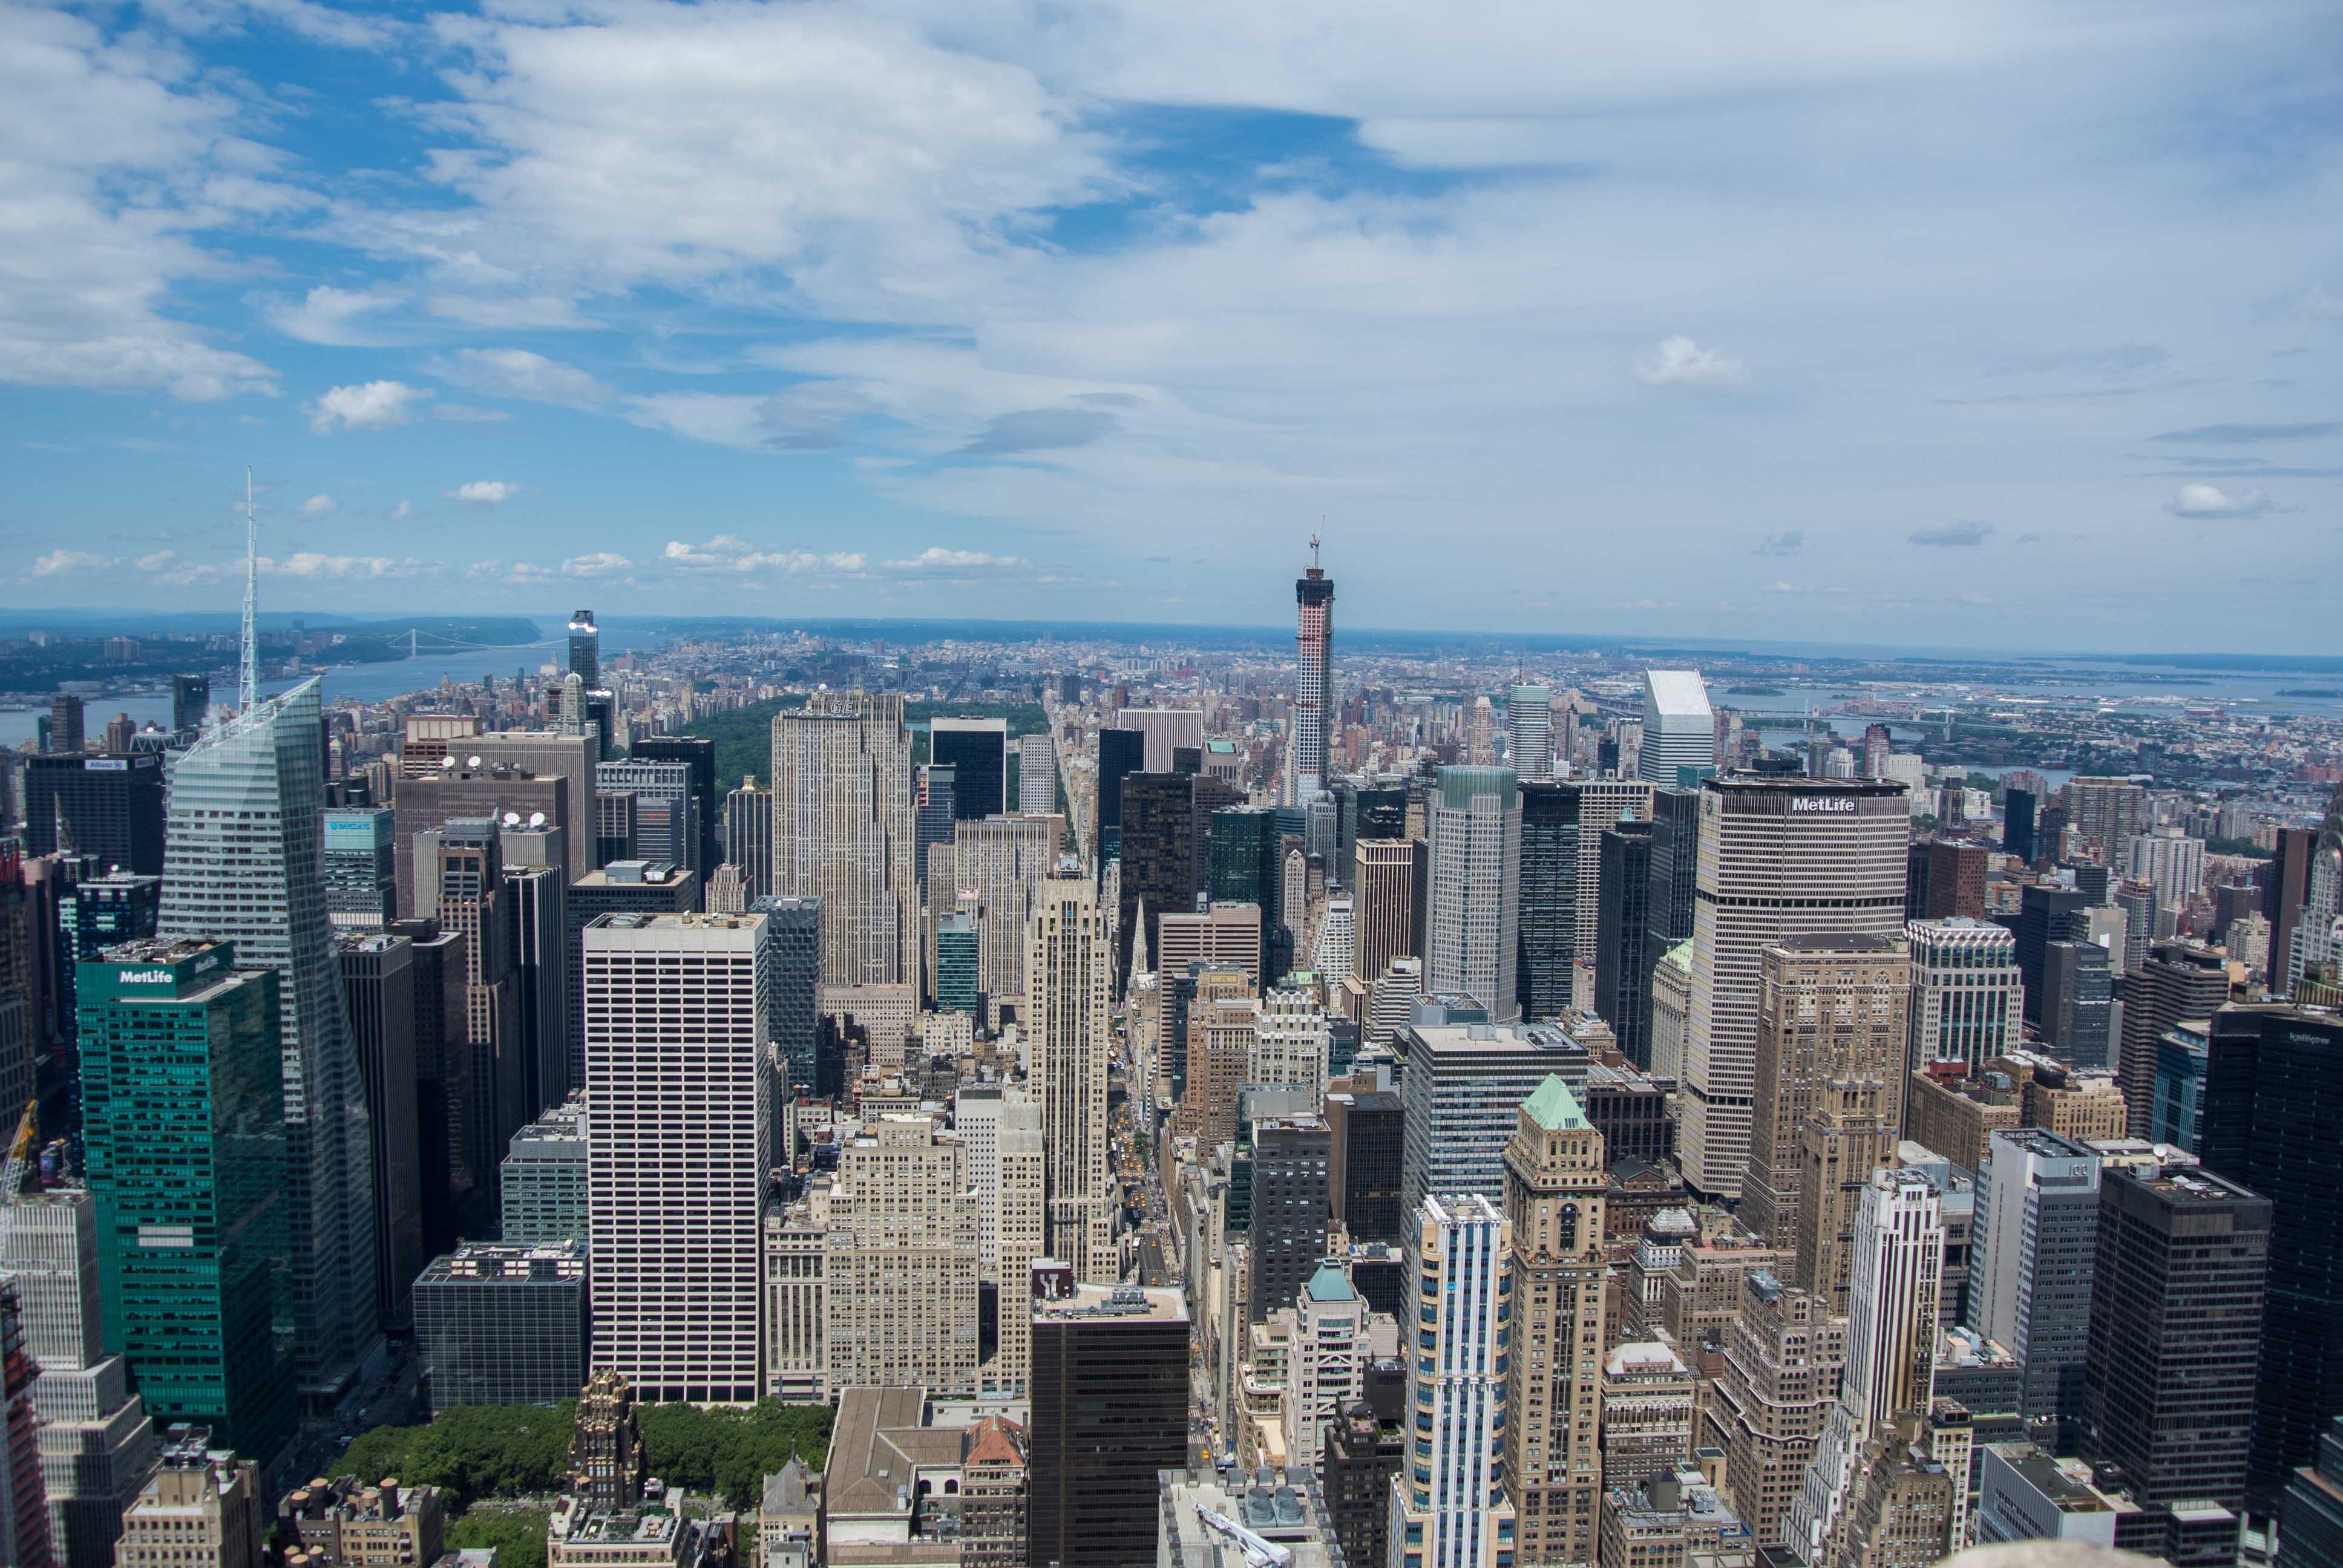 Vue du  haut de l'Empire state building